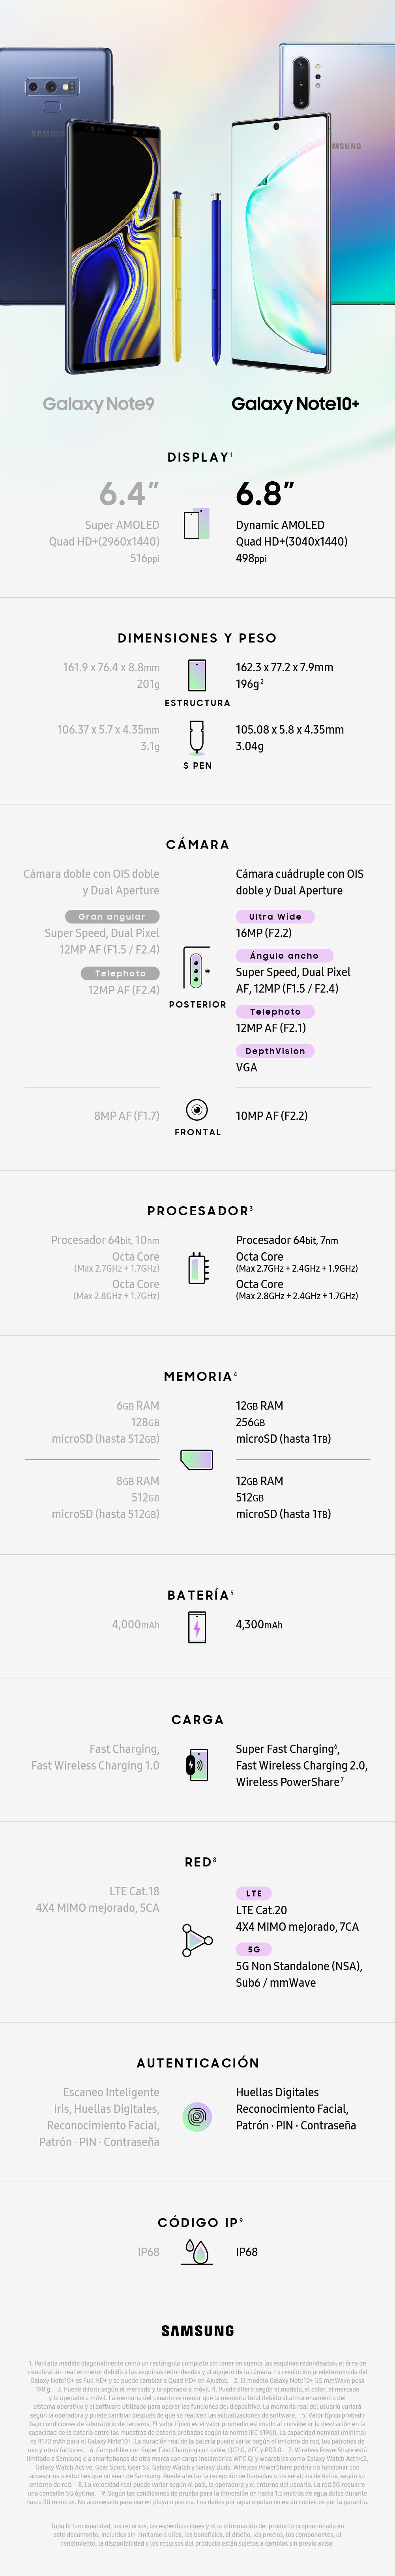 Galaxy Note10 + karşısında Galaxy Not9 - Samsung Haber Odası Latin Amerika 1